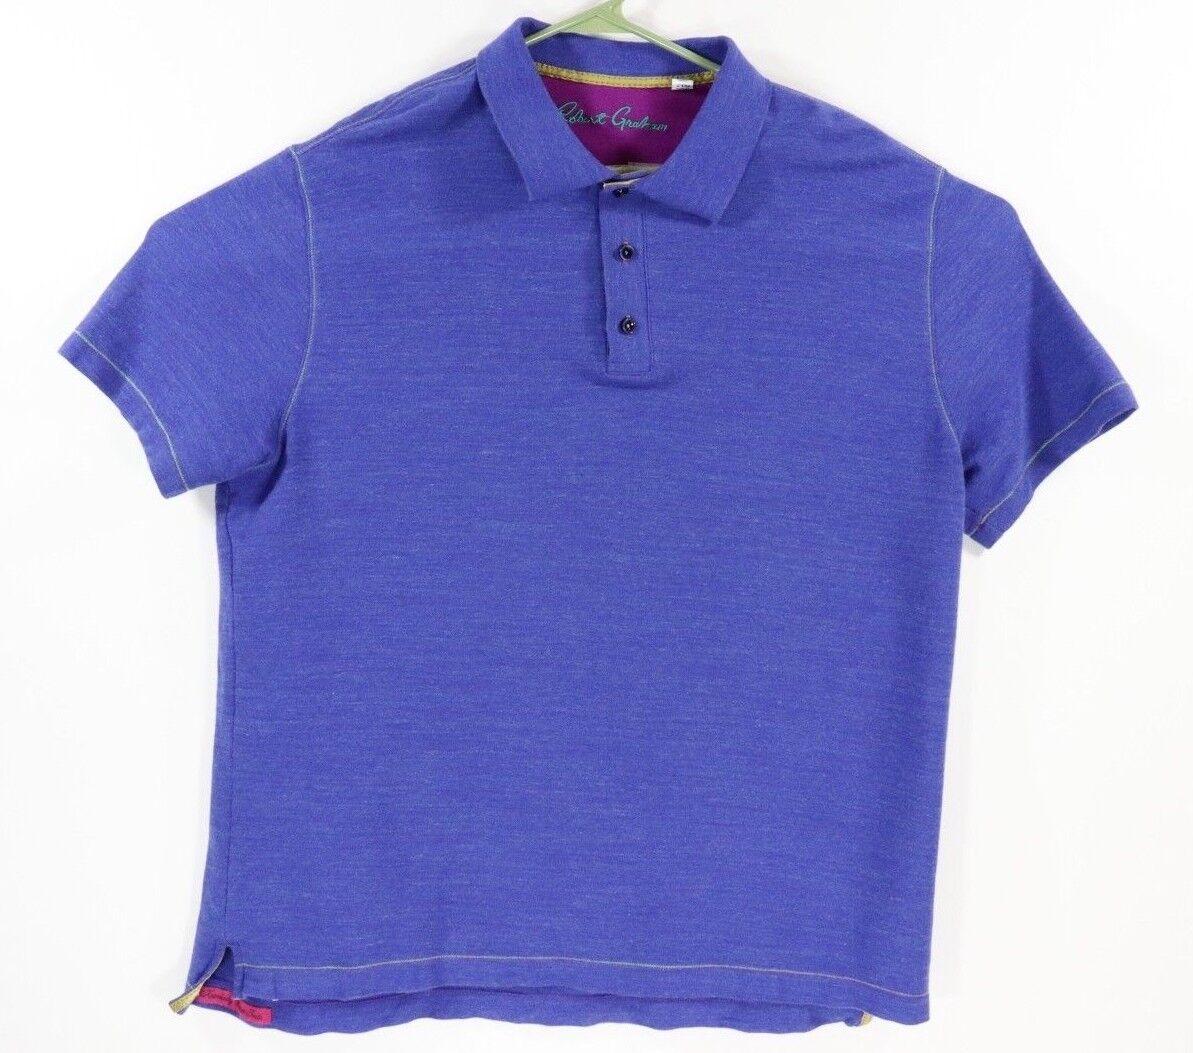 Robert Graham Men's bluee Classic Fit Short Sleeve Polo 2XL Shirt